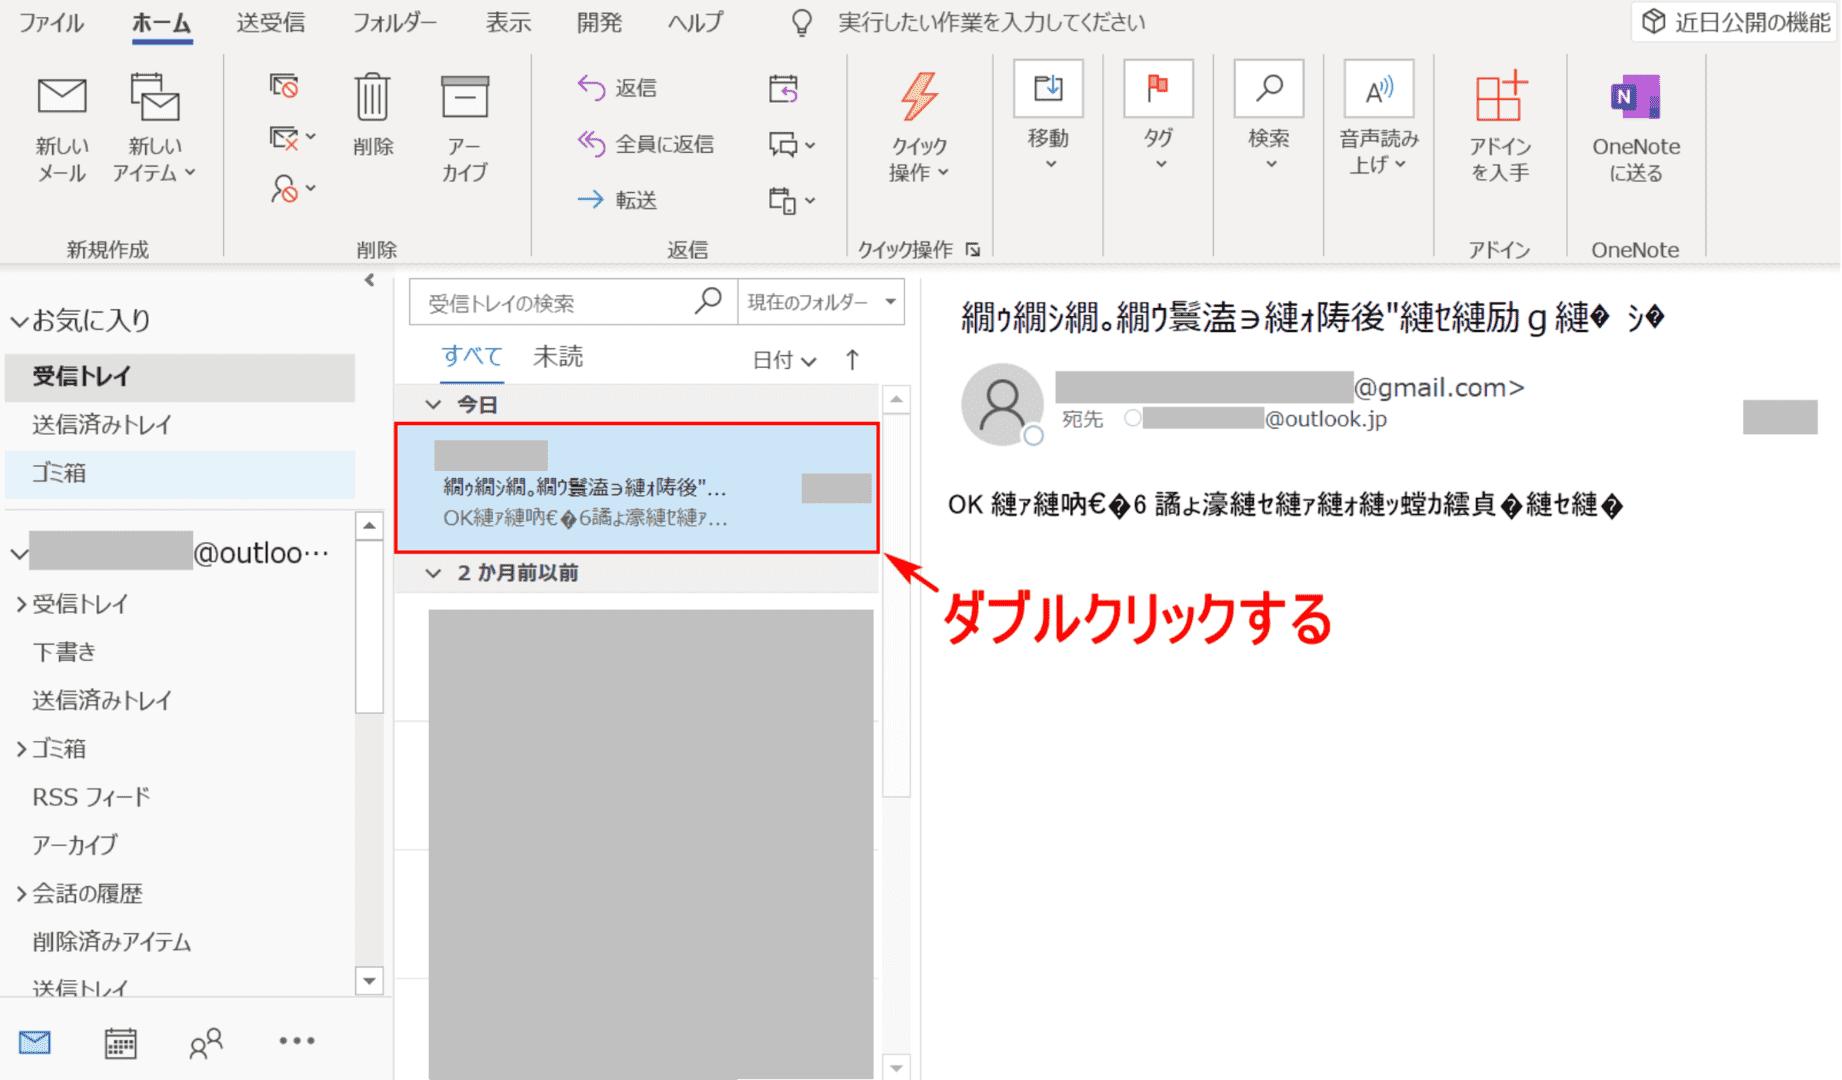 文字化けしているメールをダブルクリック